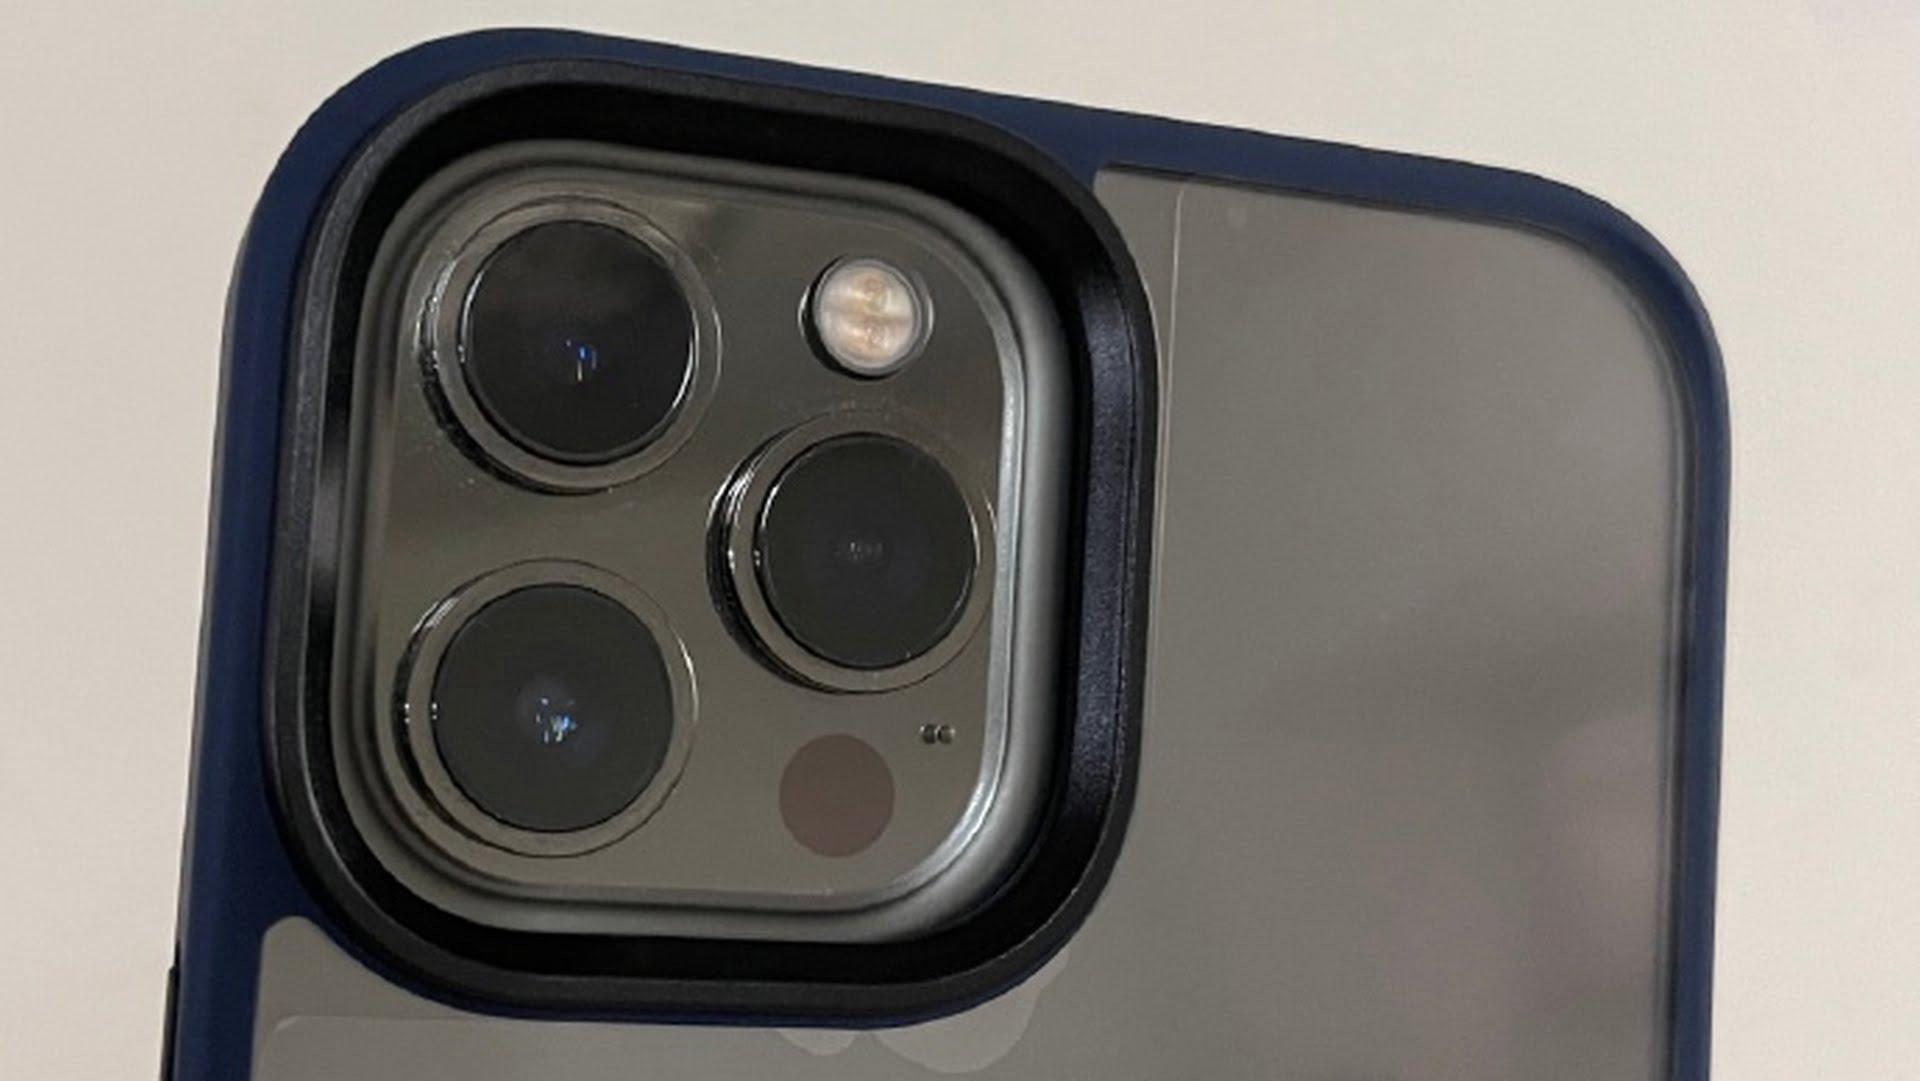 Pokazane zdjęcia etui do iPhone'a 13 Pro oraz 13 Pro Max